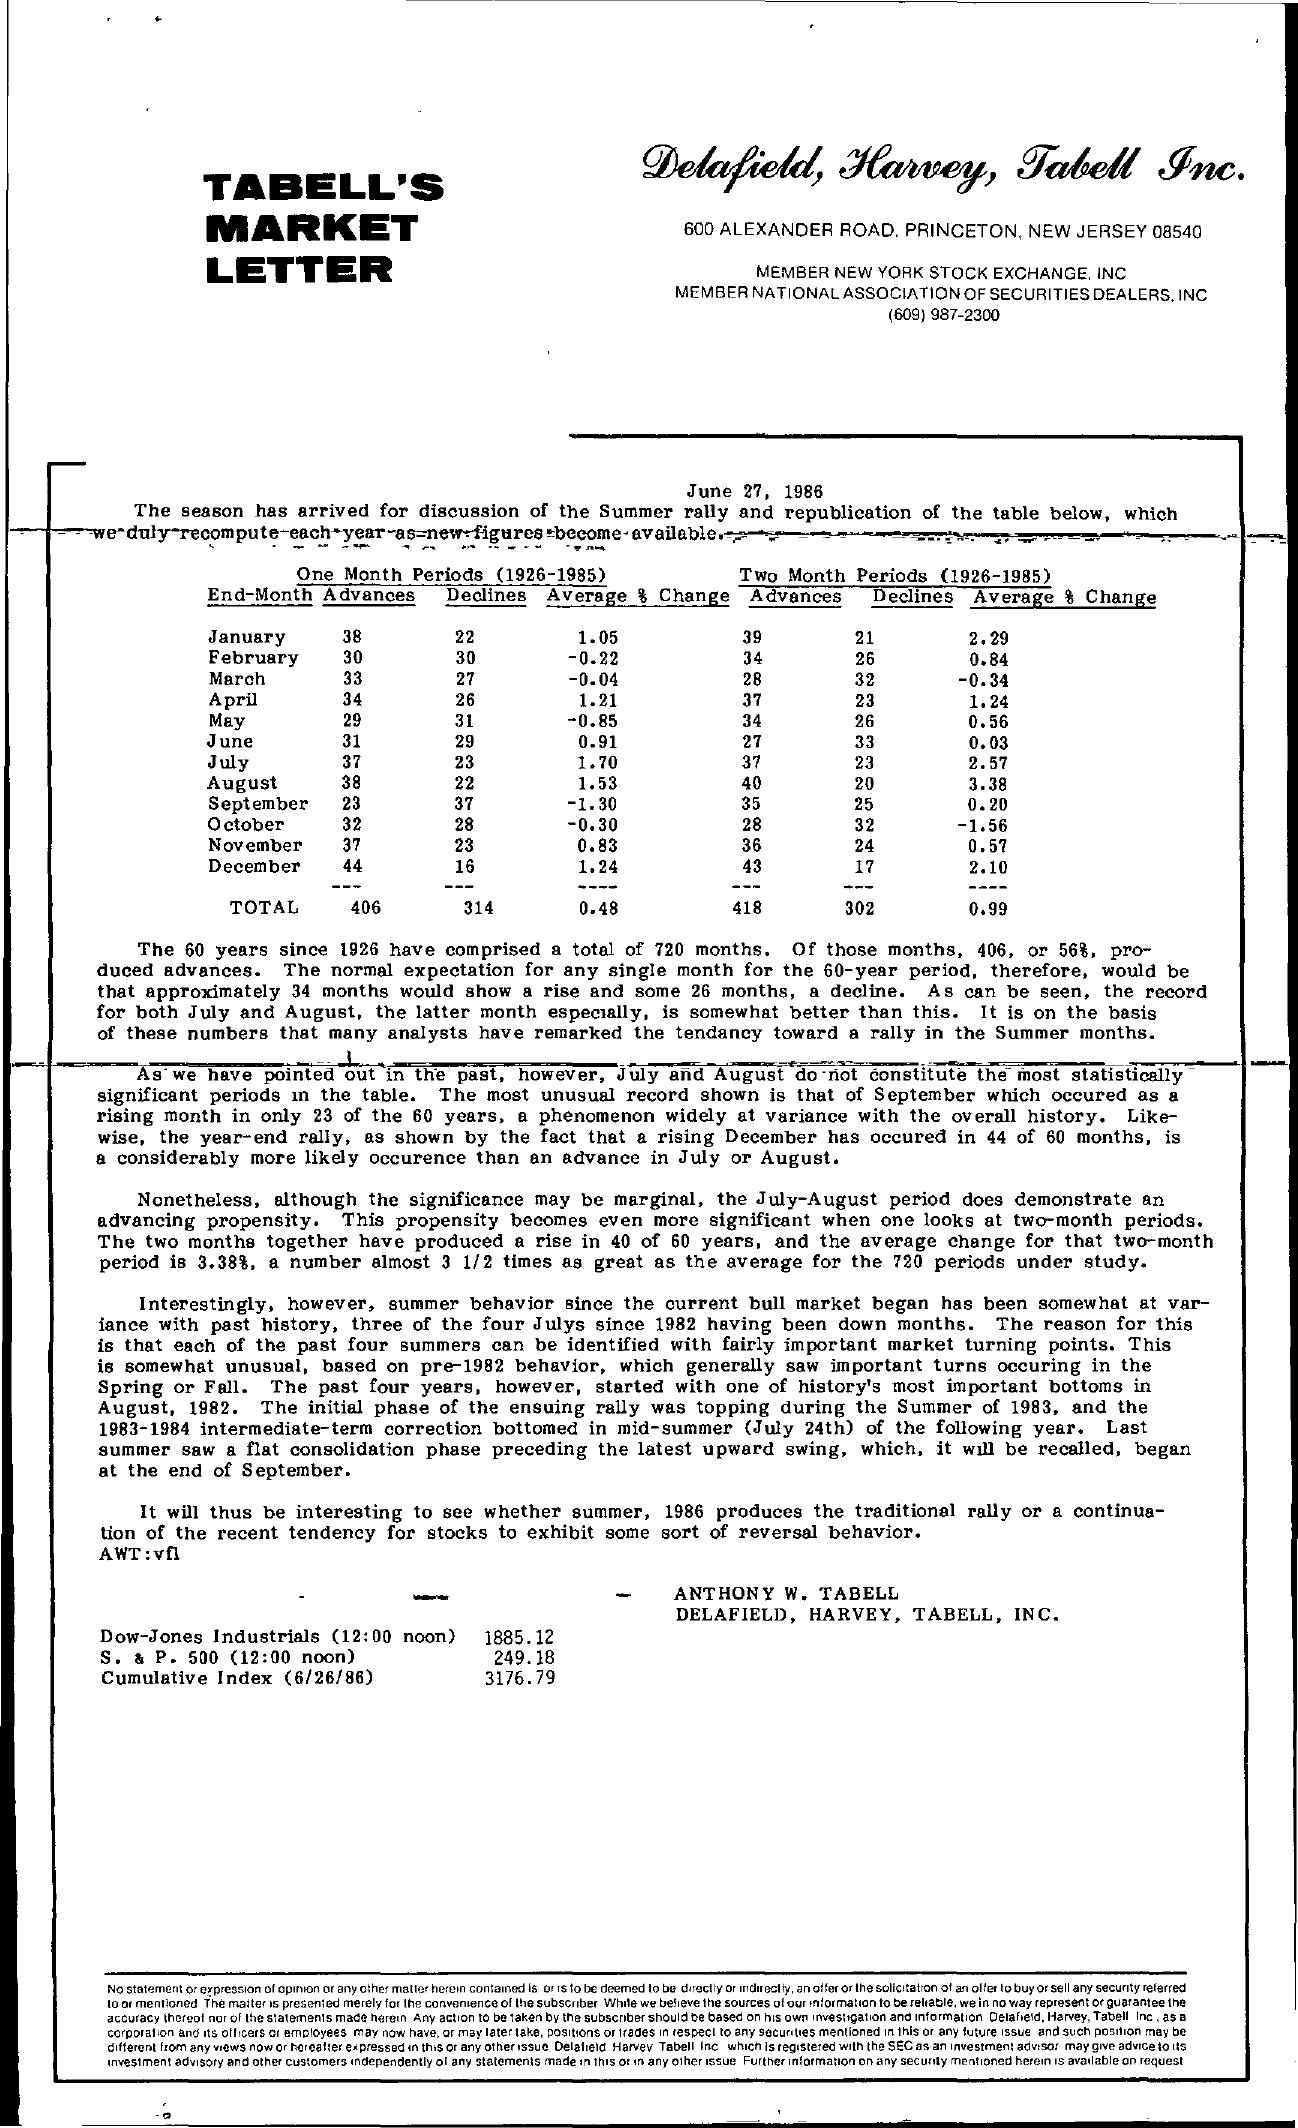 Tabell's Market Letter - June 27, 1986